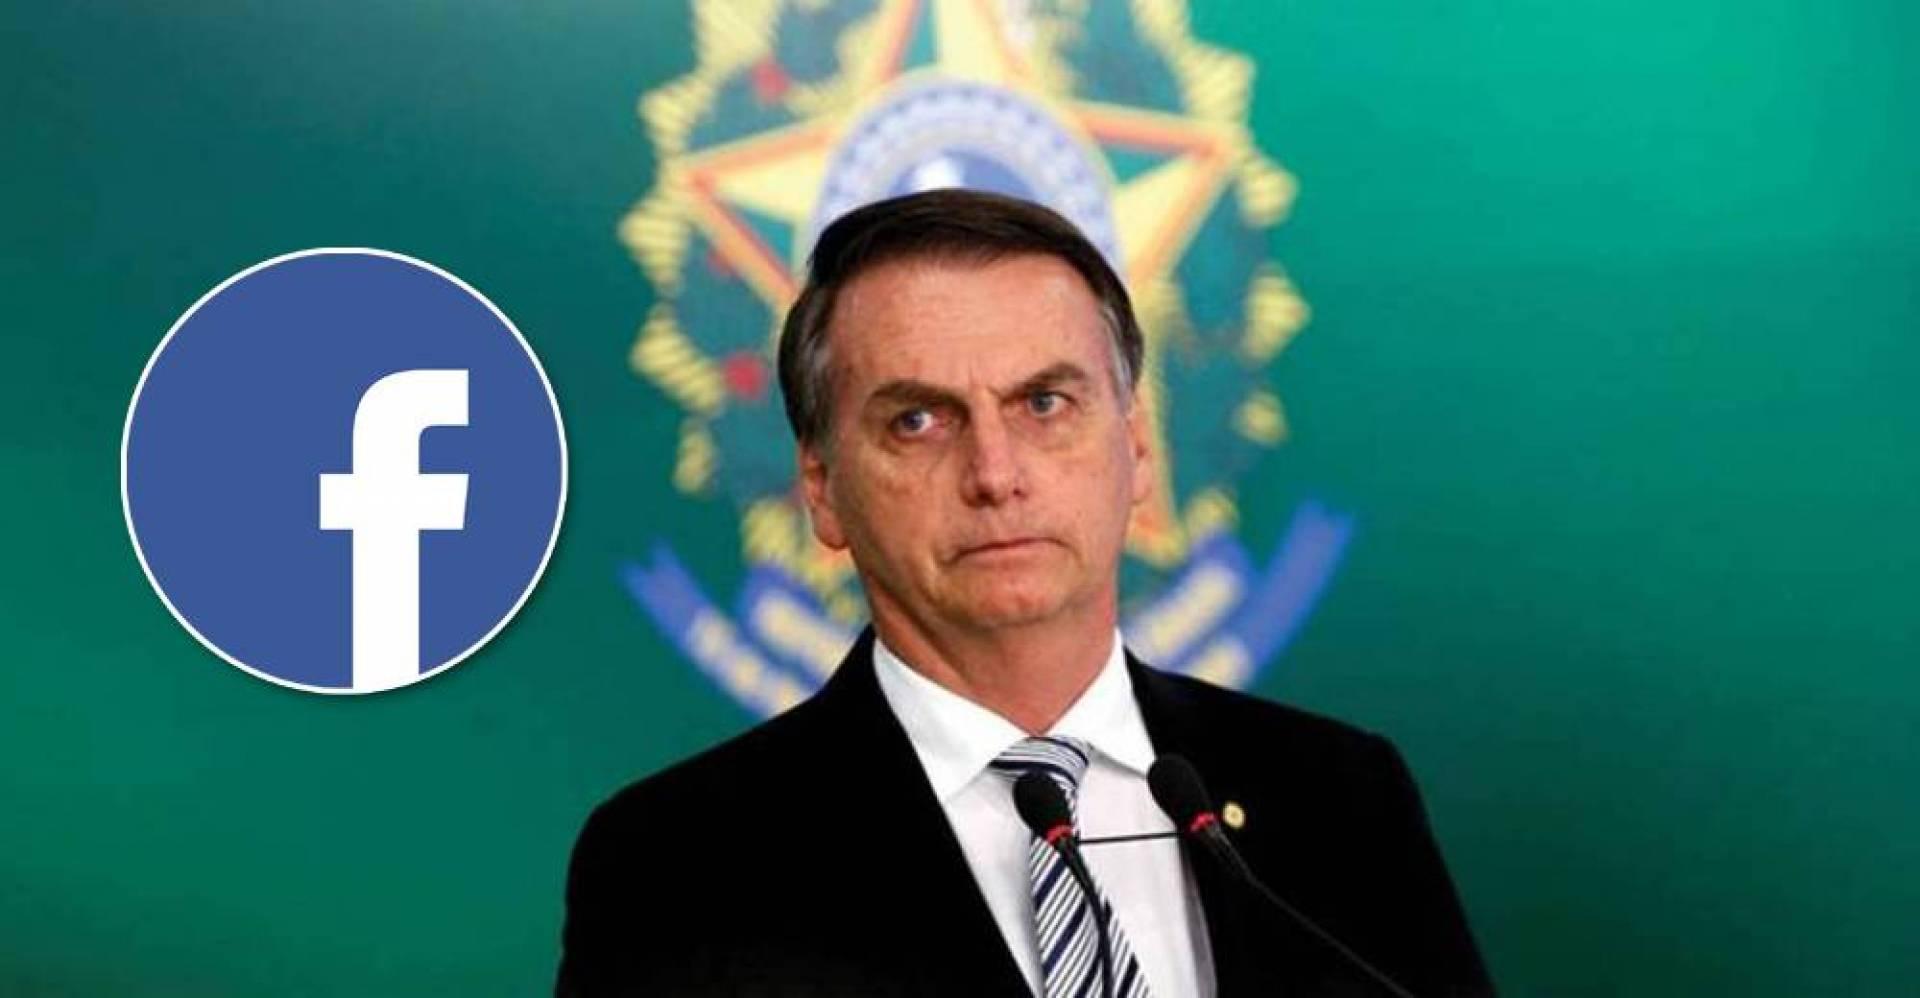 «فيسبوك» يدين قرار القضاء البرازيلي بحظر حسابات حلفاء للرئيس بولسونارو